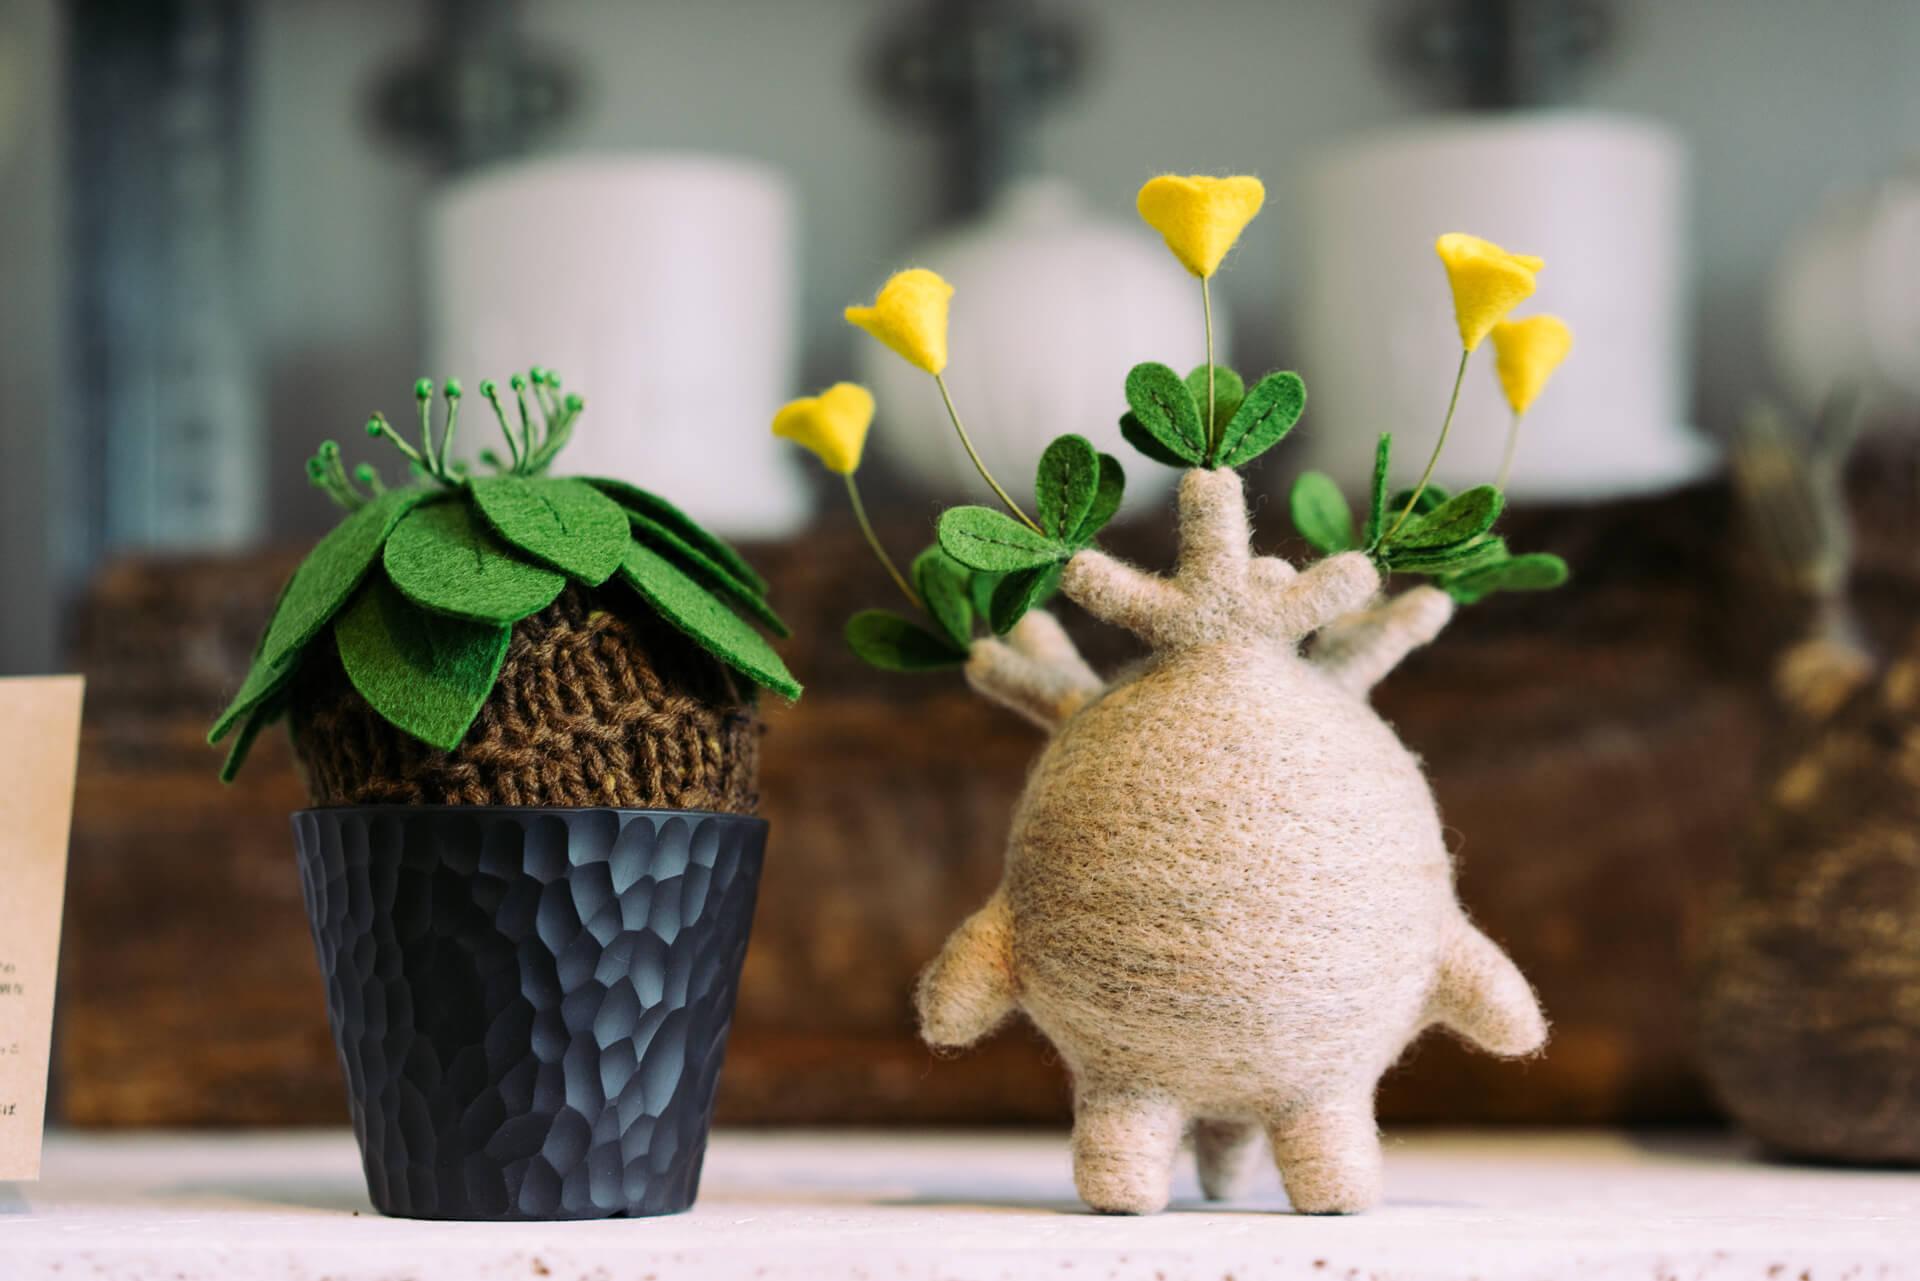 可愛らしい植物のぬいぐるみは、すぐに売り切れてしまうほどの人気商品。「植物の中には生育が難しいものもあるので、そういうものを無理して買うよりは、こういう楽しみ方もあるんですよ、というのを提案したくて」(左:8,900円(鉢を除く)、右:23,000円)